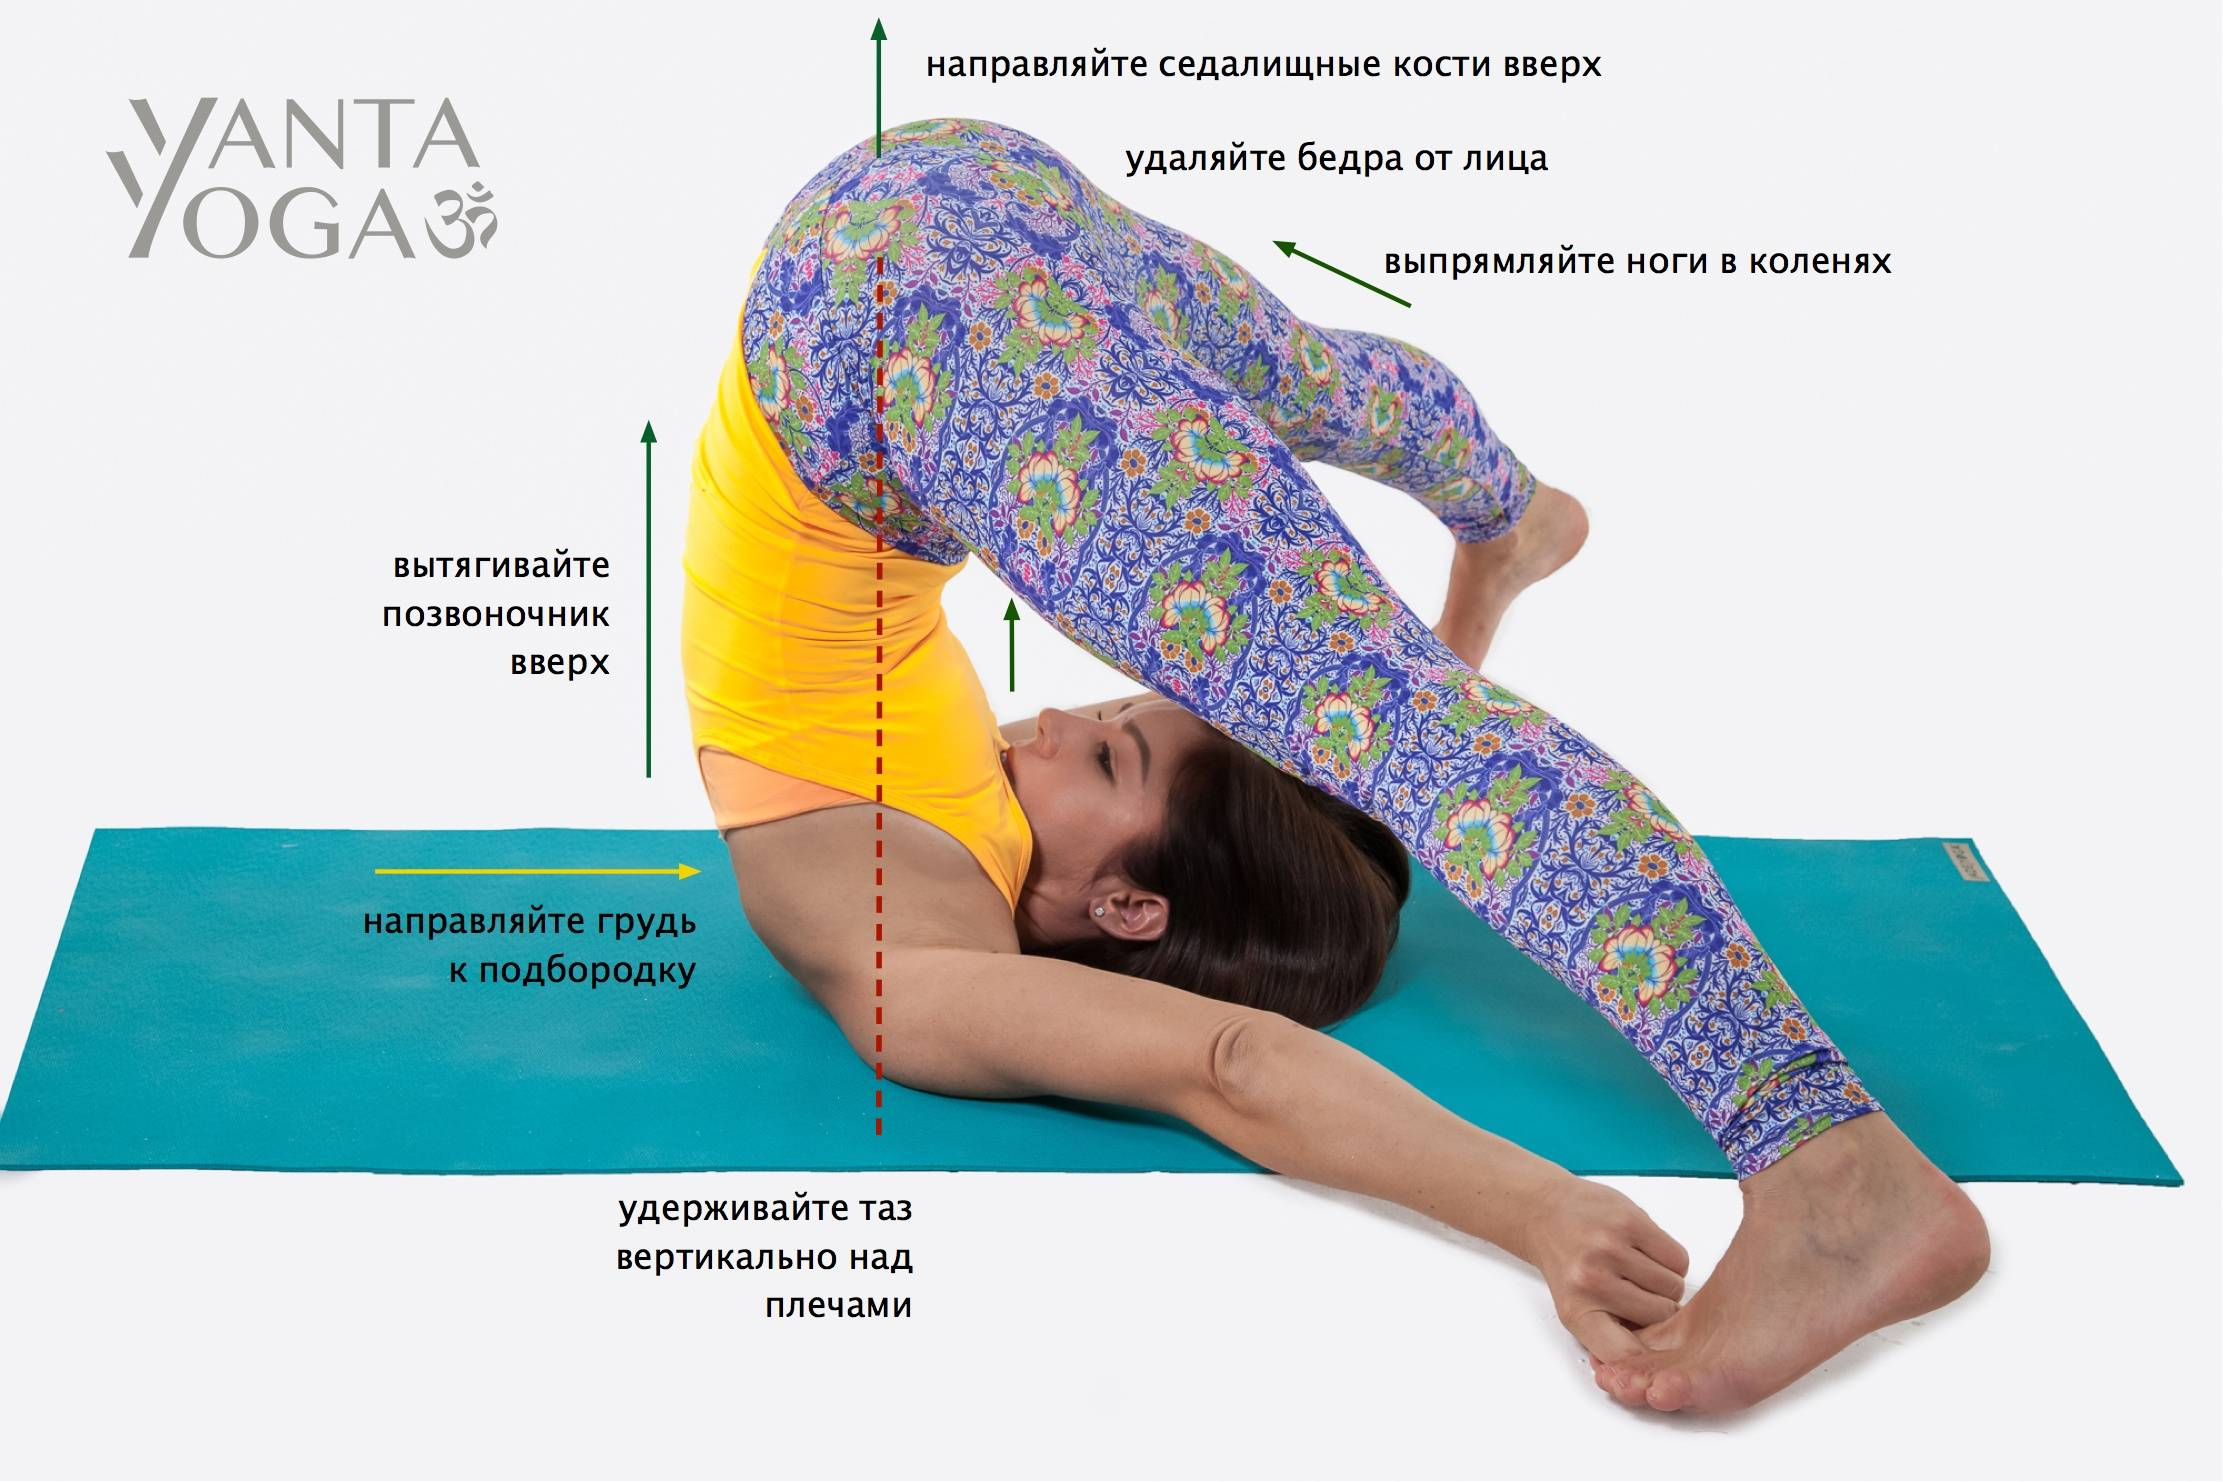 Йога для исправления осанки: упражнения